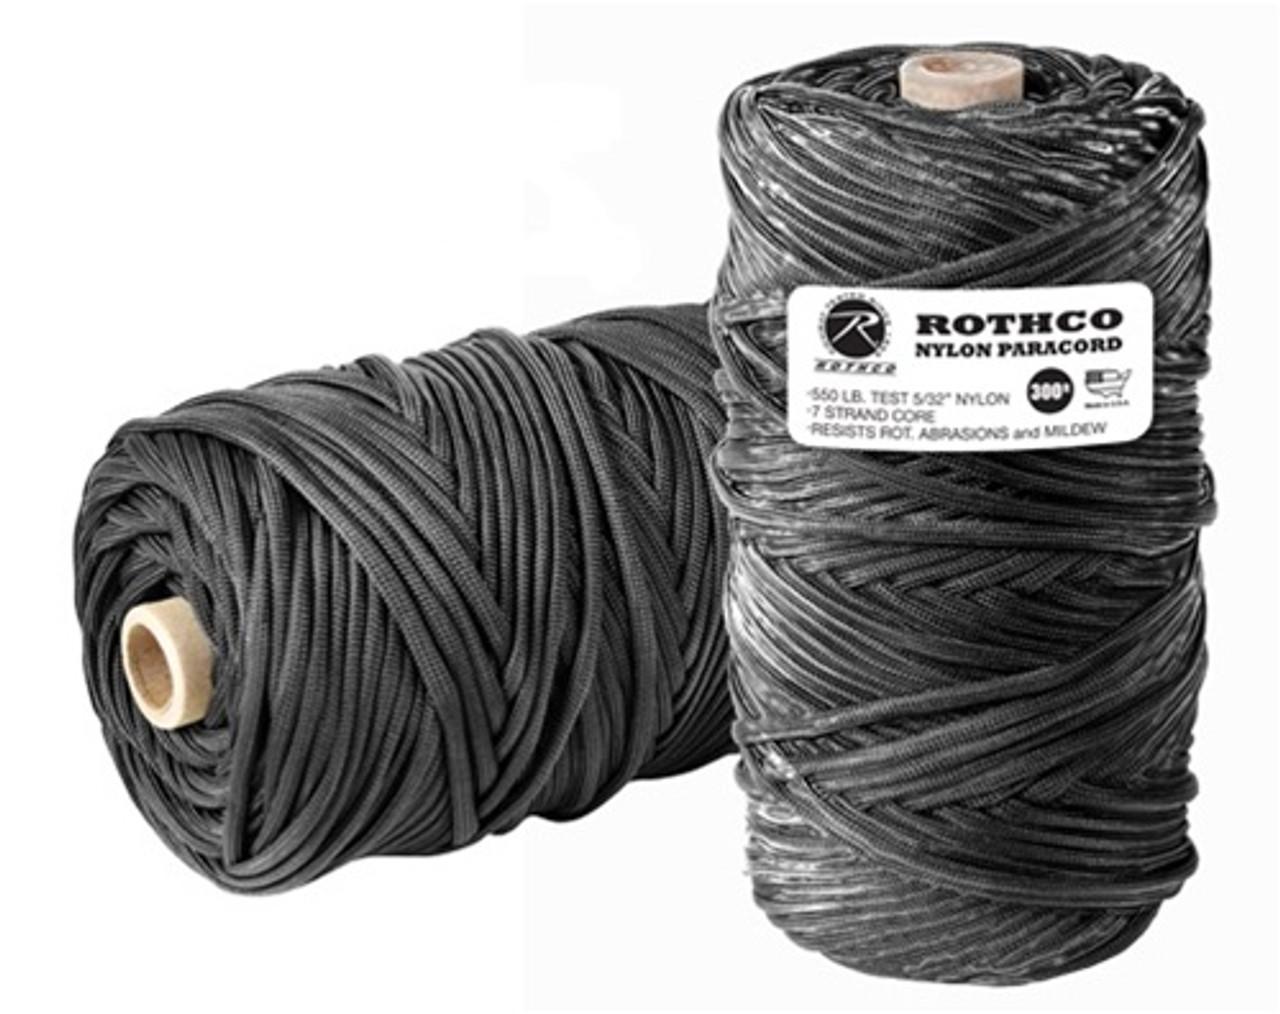 Nylon Paracord 550Lb 300' Tube